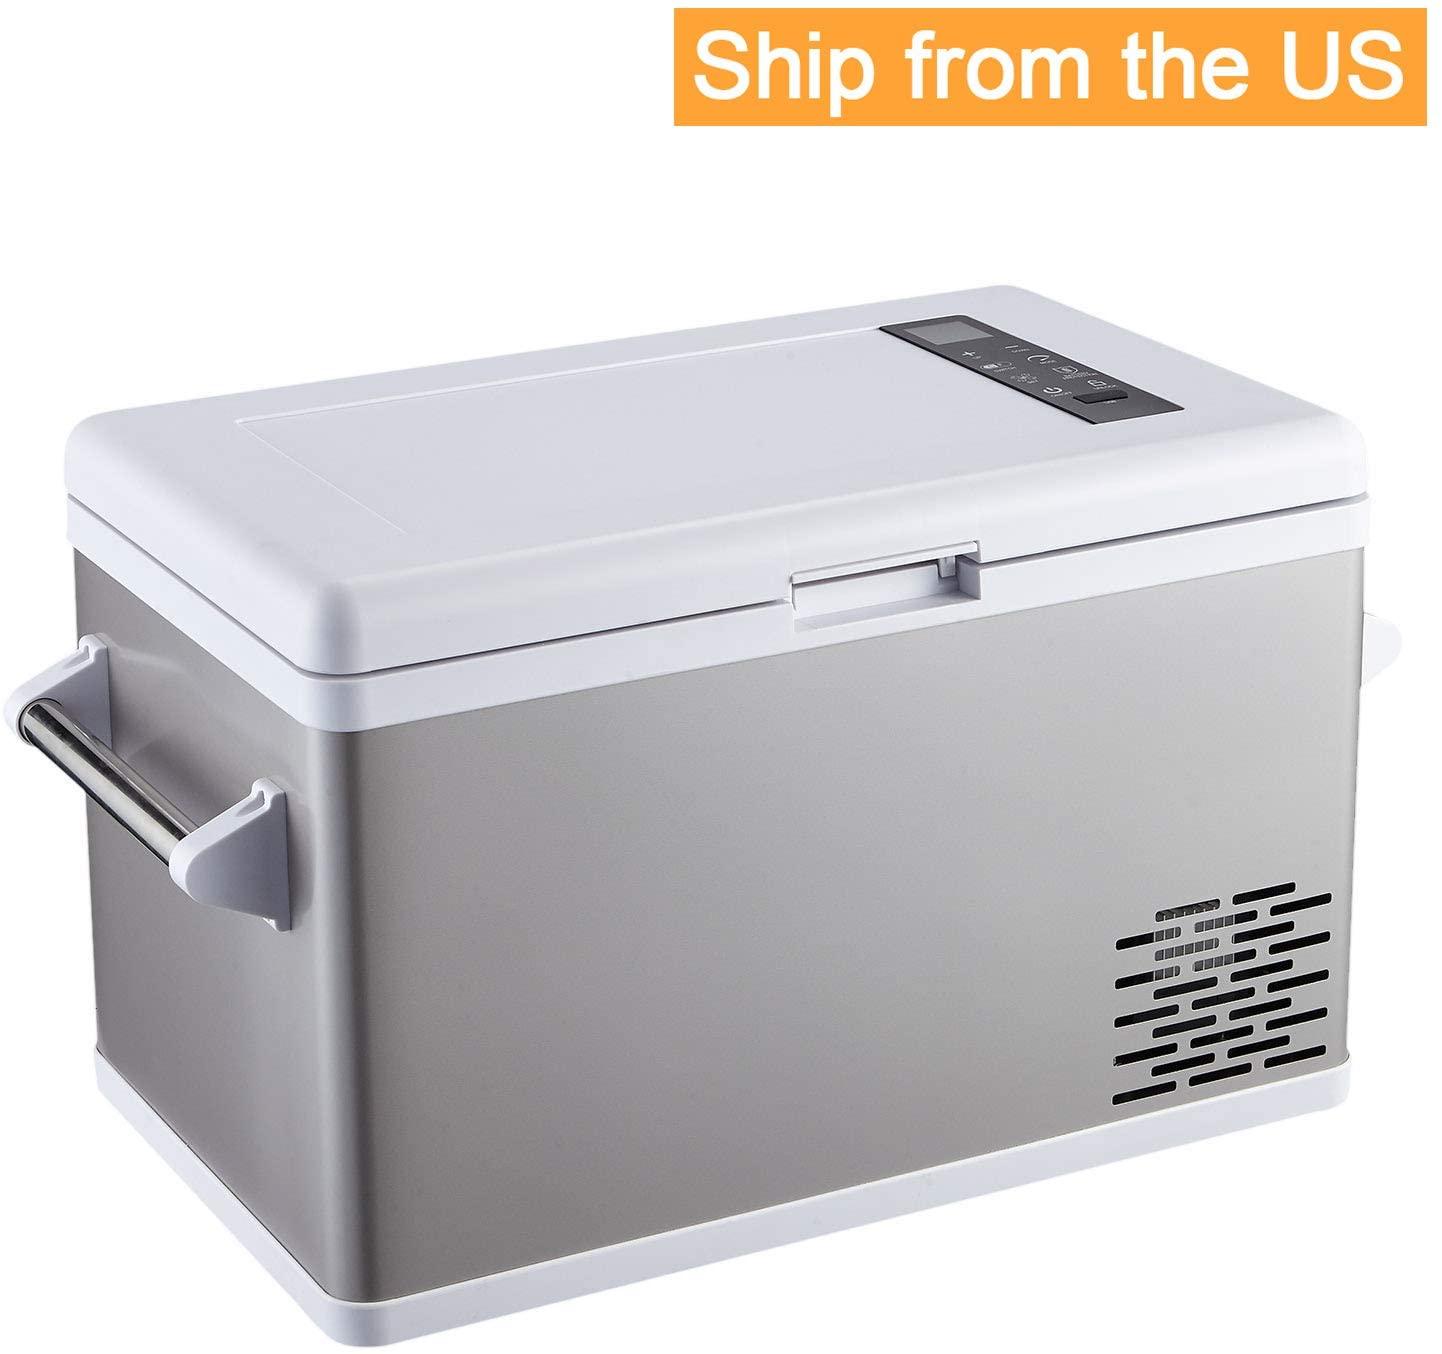 Aspenora 37-Quart Portable Fridge Freezer 12V Car